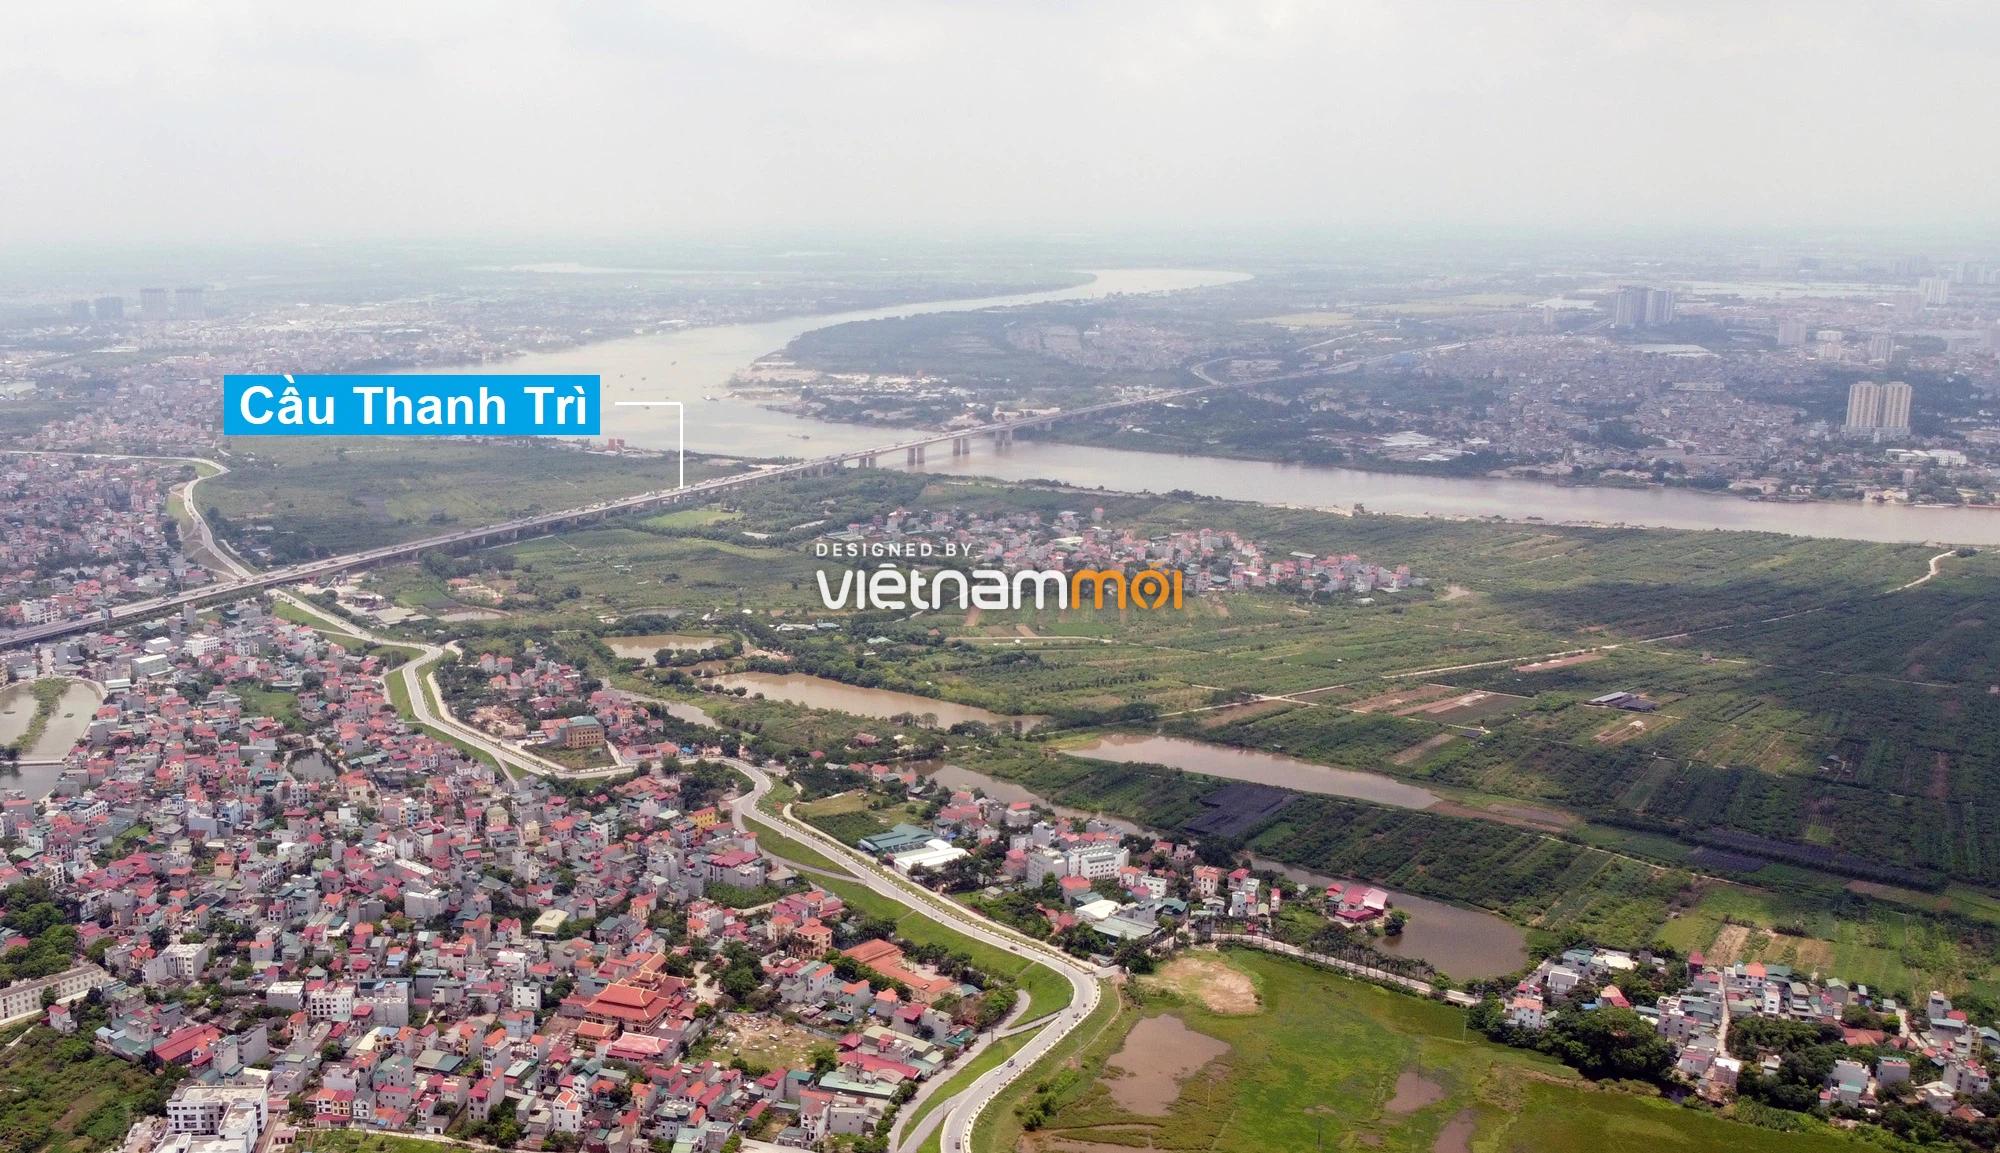 Hà Nội: Toàn cảnh hai bãi sông Hồng được phép xây dựng - Ảnh 18.